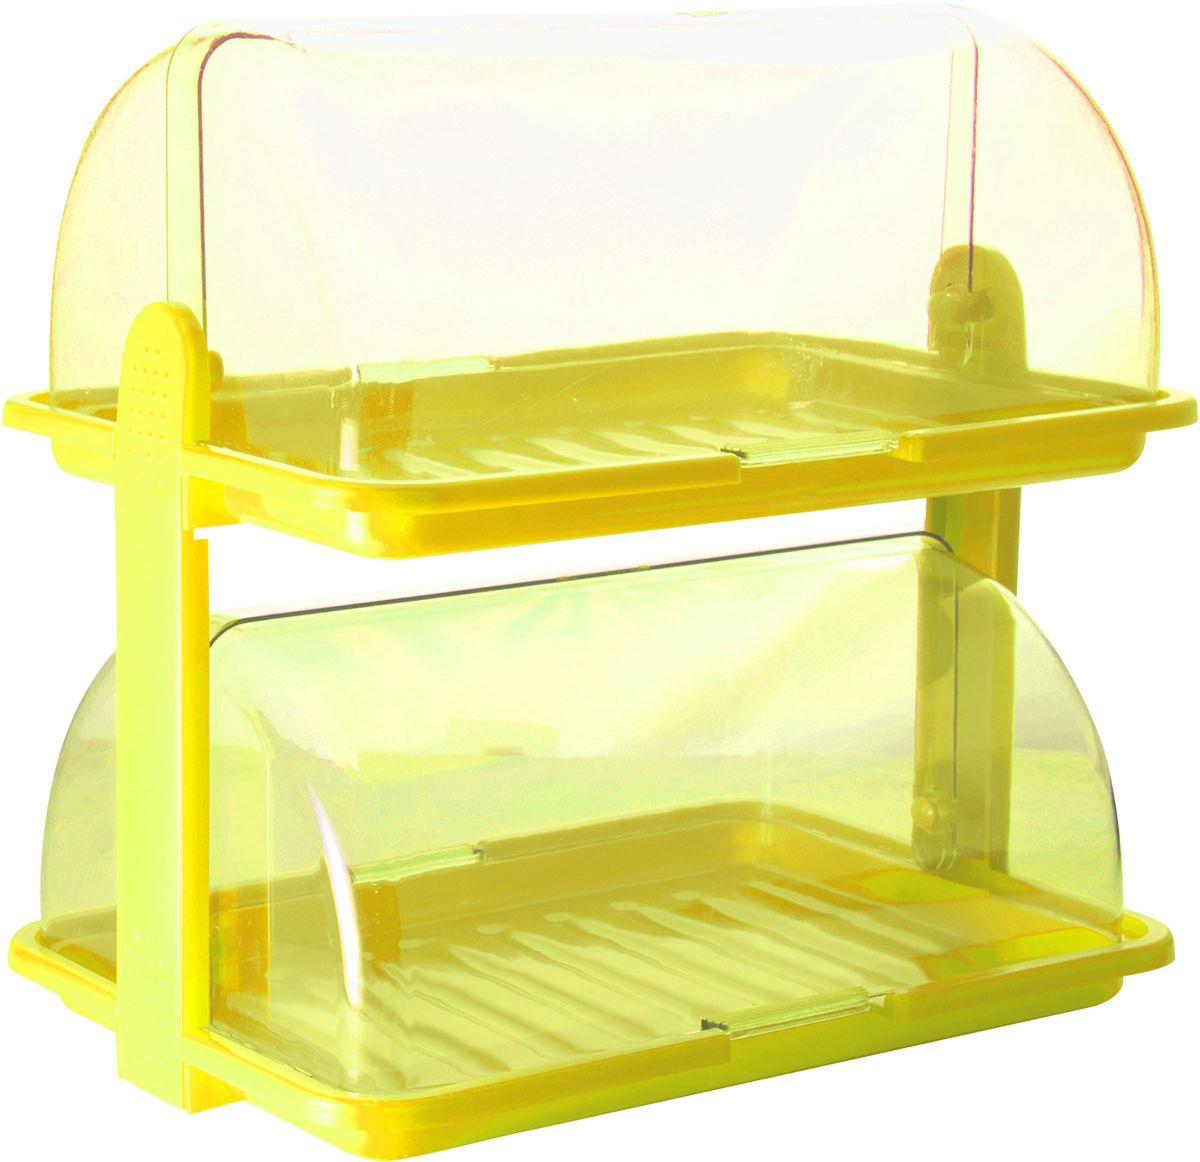 Хлебница Plastic Centre, 2-ярусная, цвет: желтый, прозрачный, 38,5 х 26 х 37 см4630003364517Уникальная двухъярусная хлебница Plastic Centre для любителей выпечки и свежего хлеба. Хлебница выполнена из полипропилена. Она сохранит хлеб свежим длительное время. Благодаря двум раздельным секциям можно хранить сладкую выпечку и хлеб в разных отделениях.